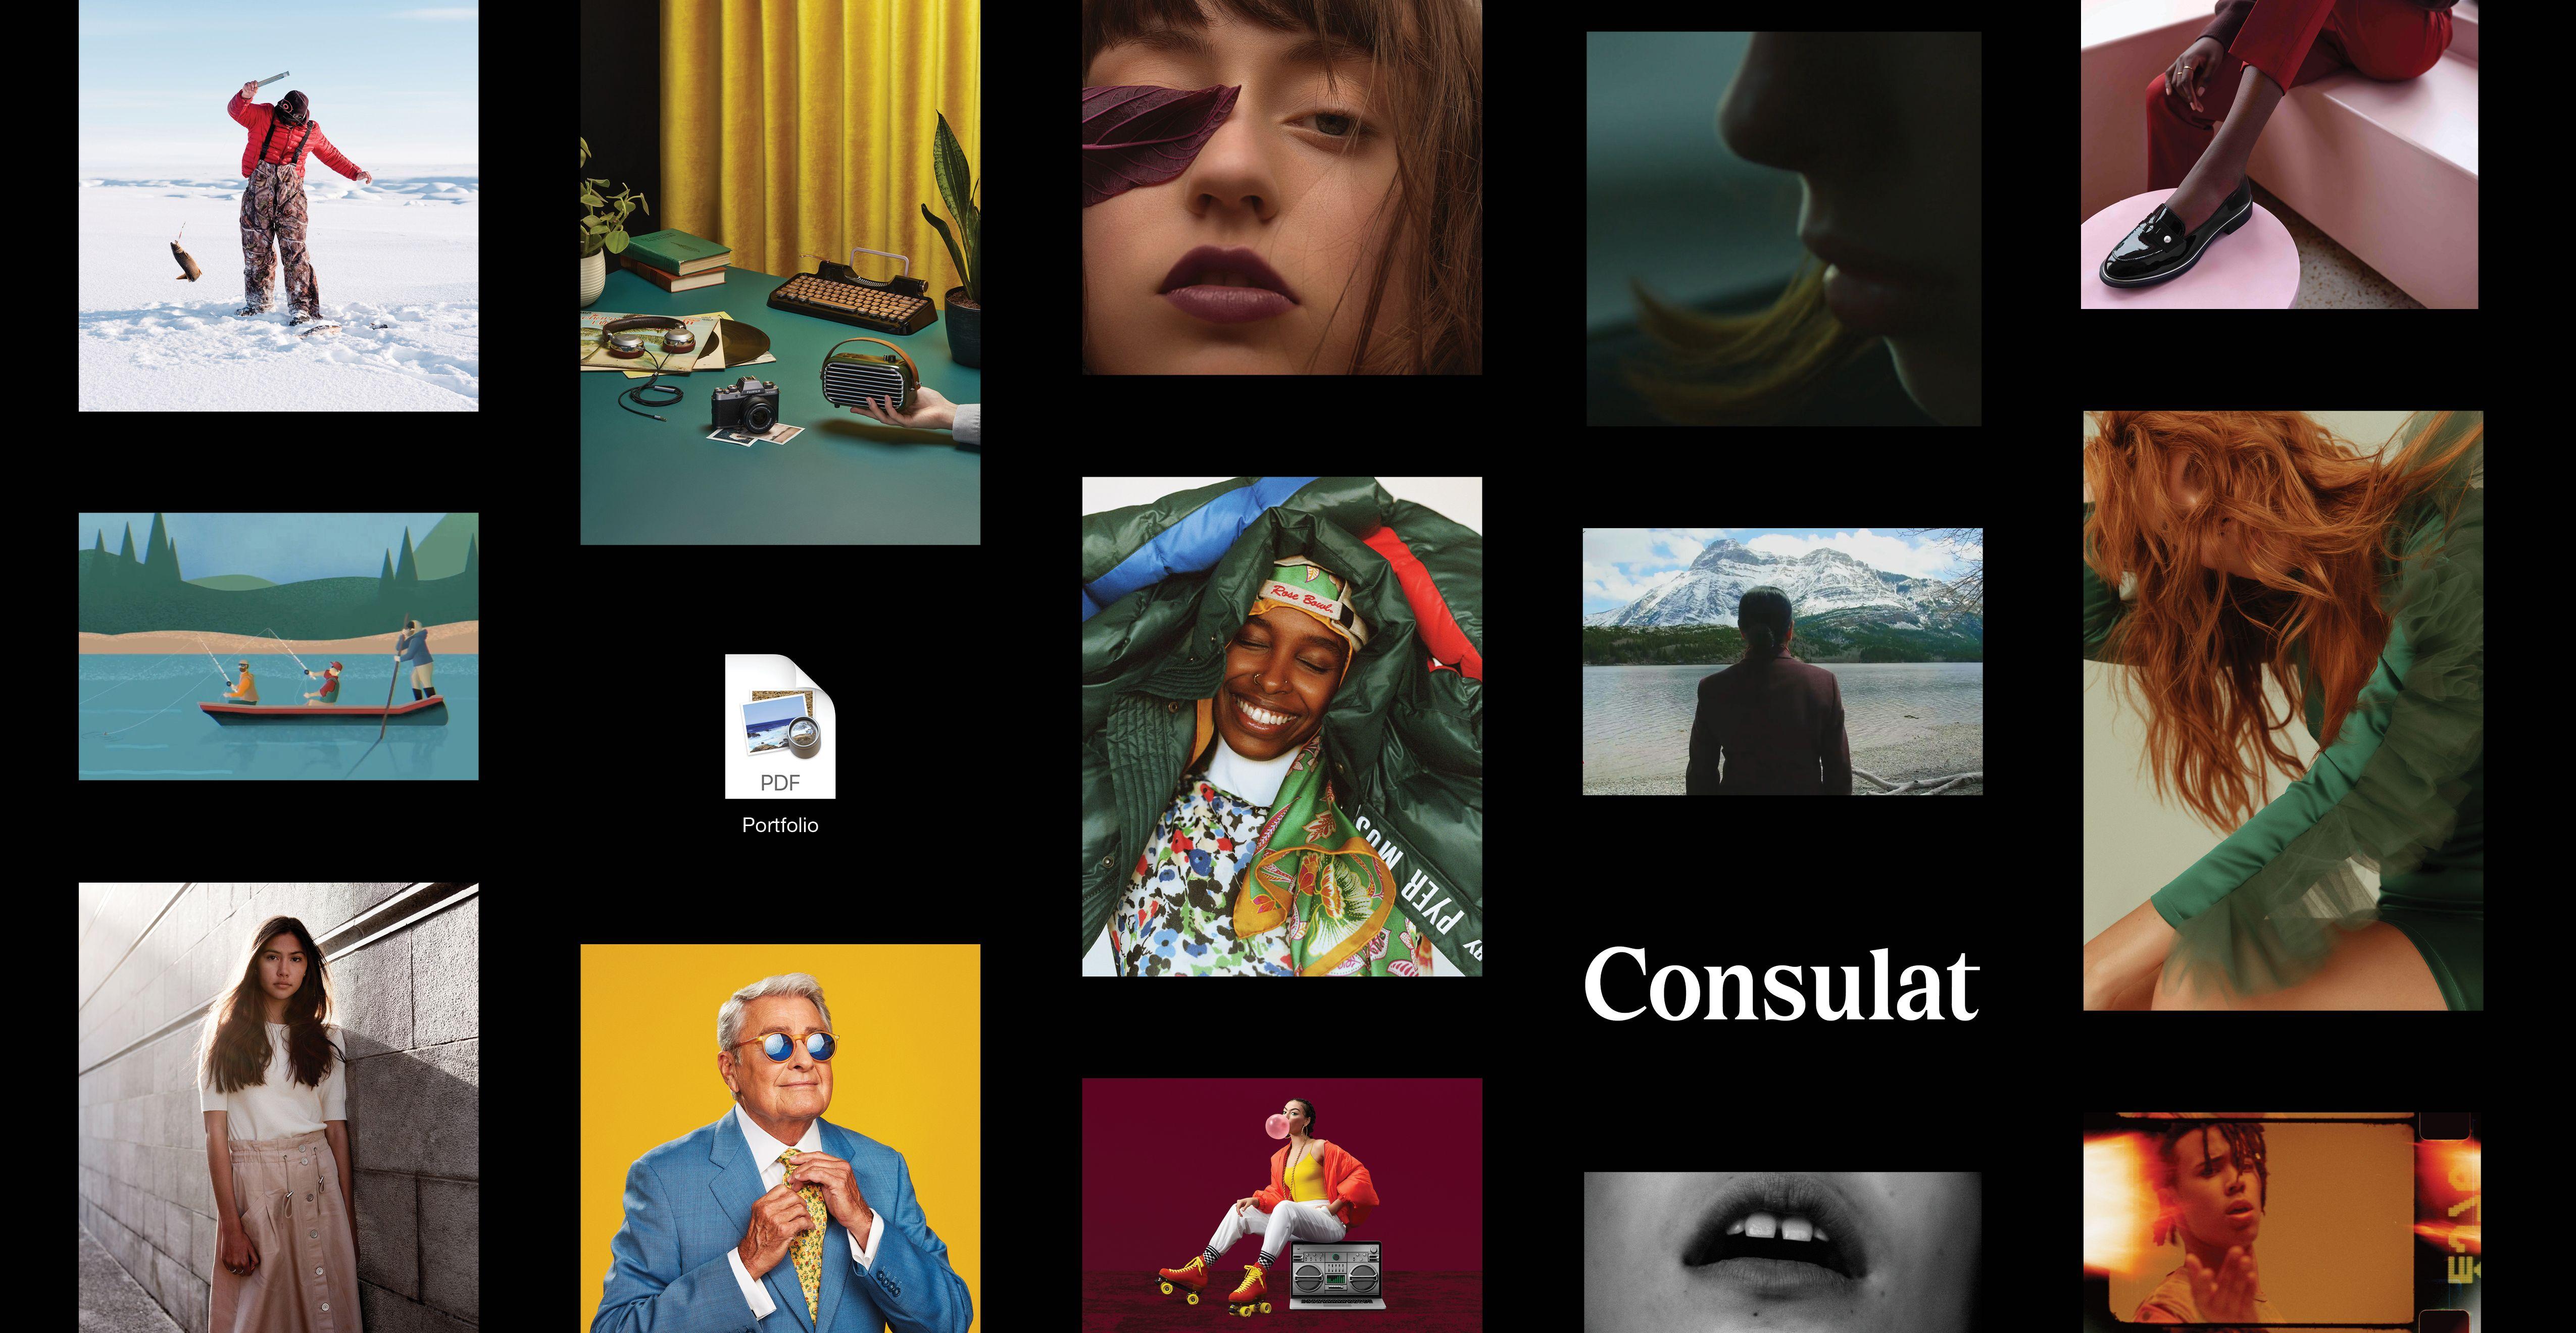 Consulat 2